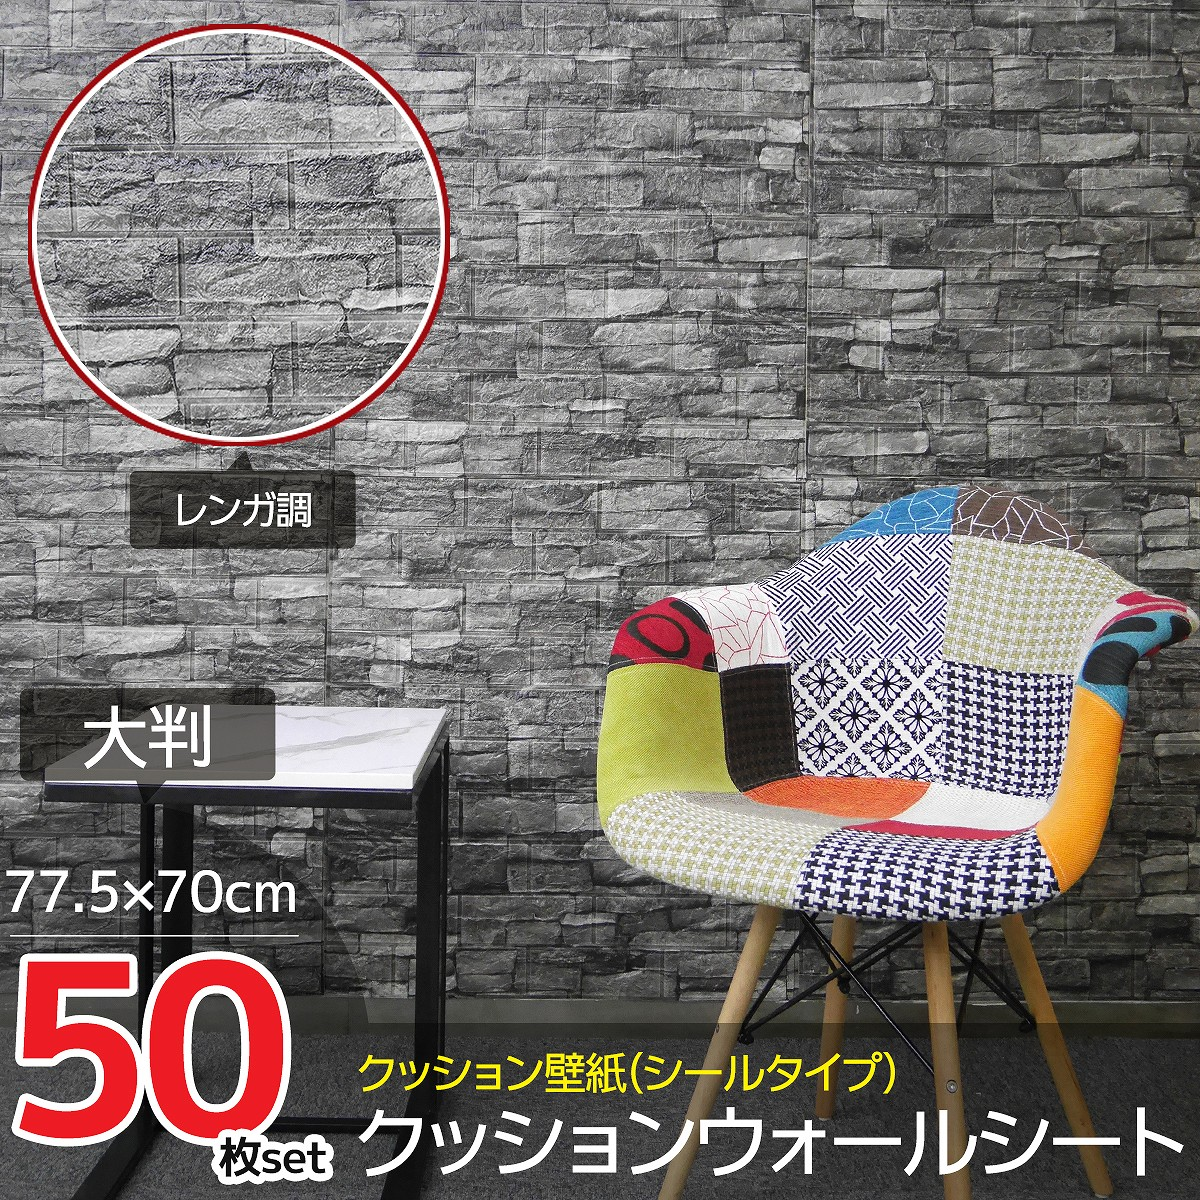 【予約】50枚set DIY 3D 壁紙 クッションブリック壁紙シール デザイン立体パネル レンガ調 ウォールステッカー クッション 簡単リフォーム【KB-69】